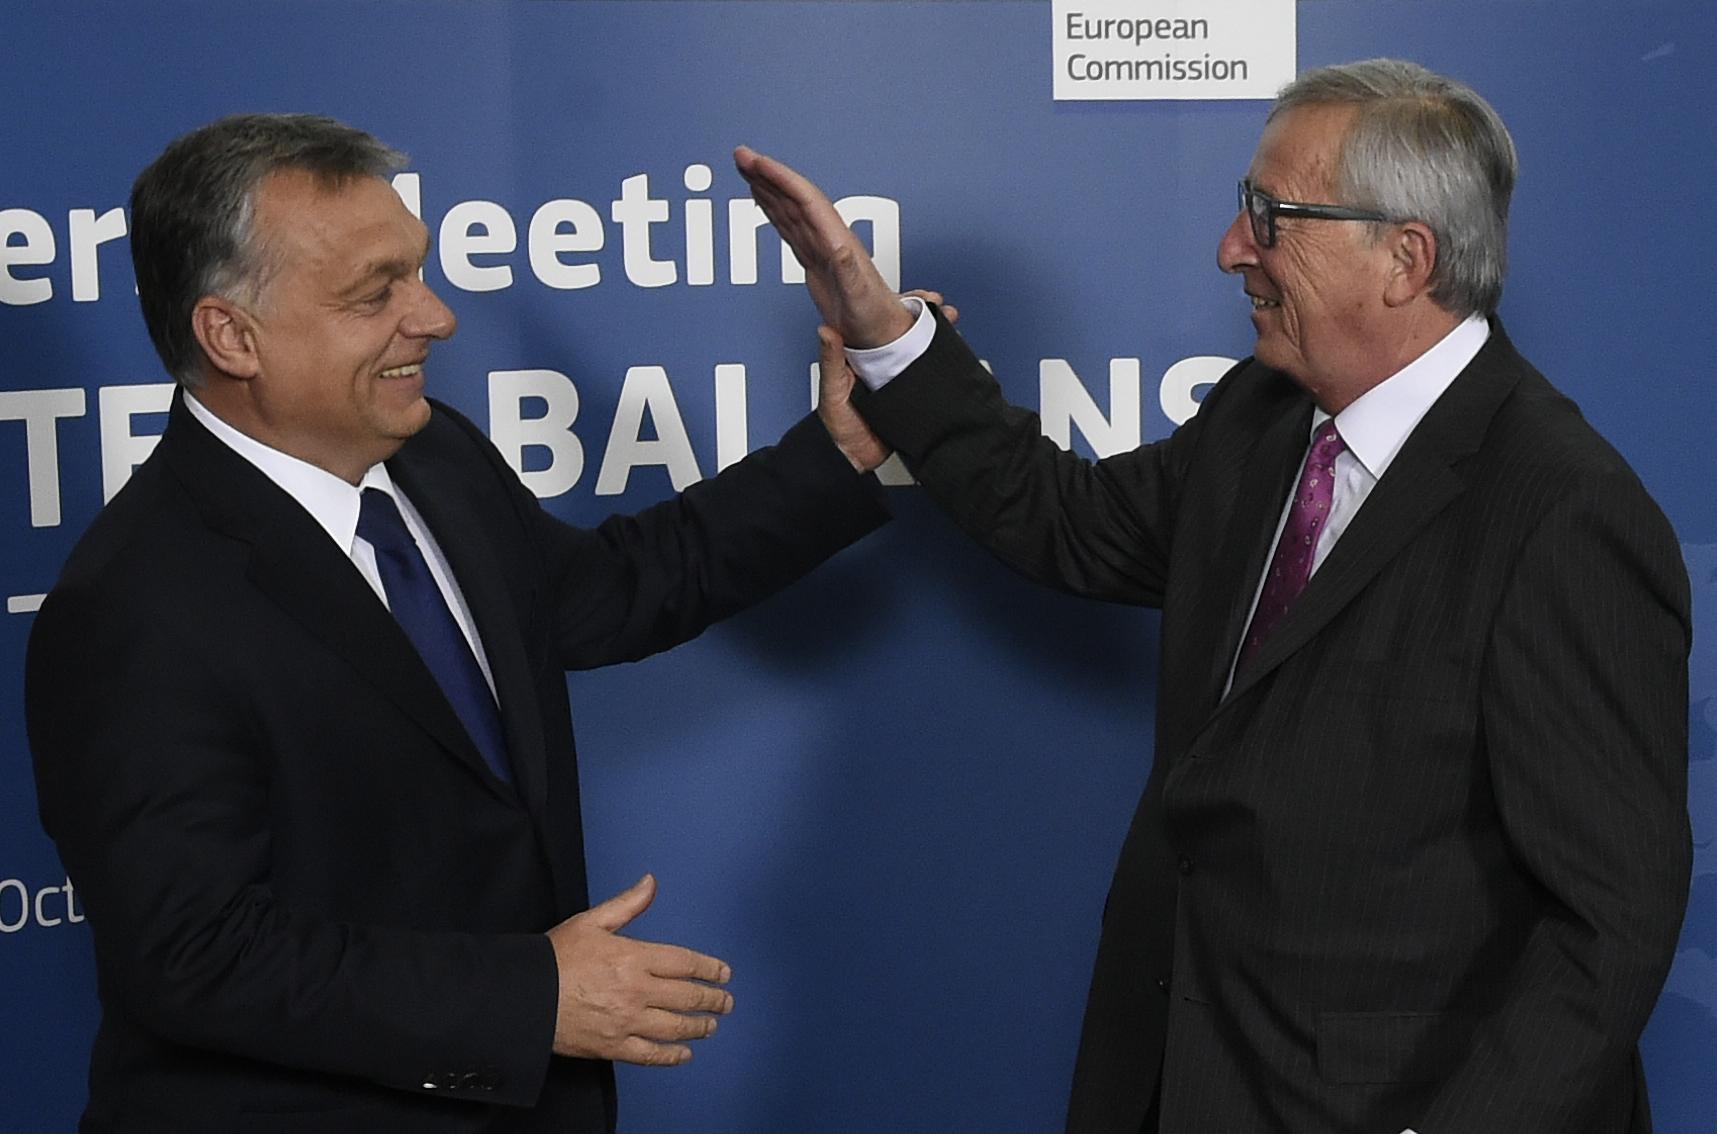 Háromszor perelte most be az Európai Bizottság Magyarországot